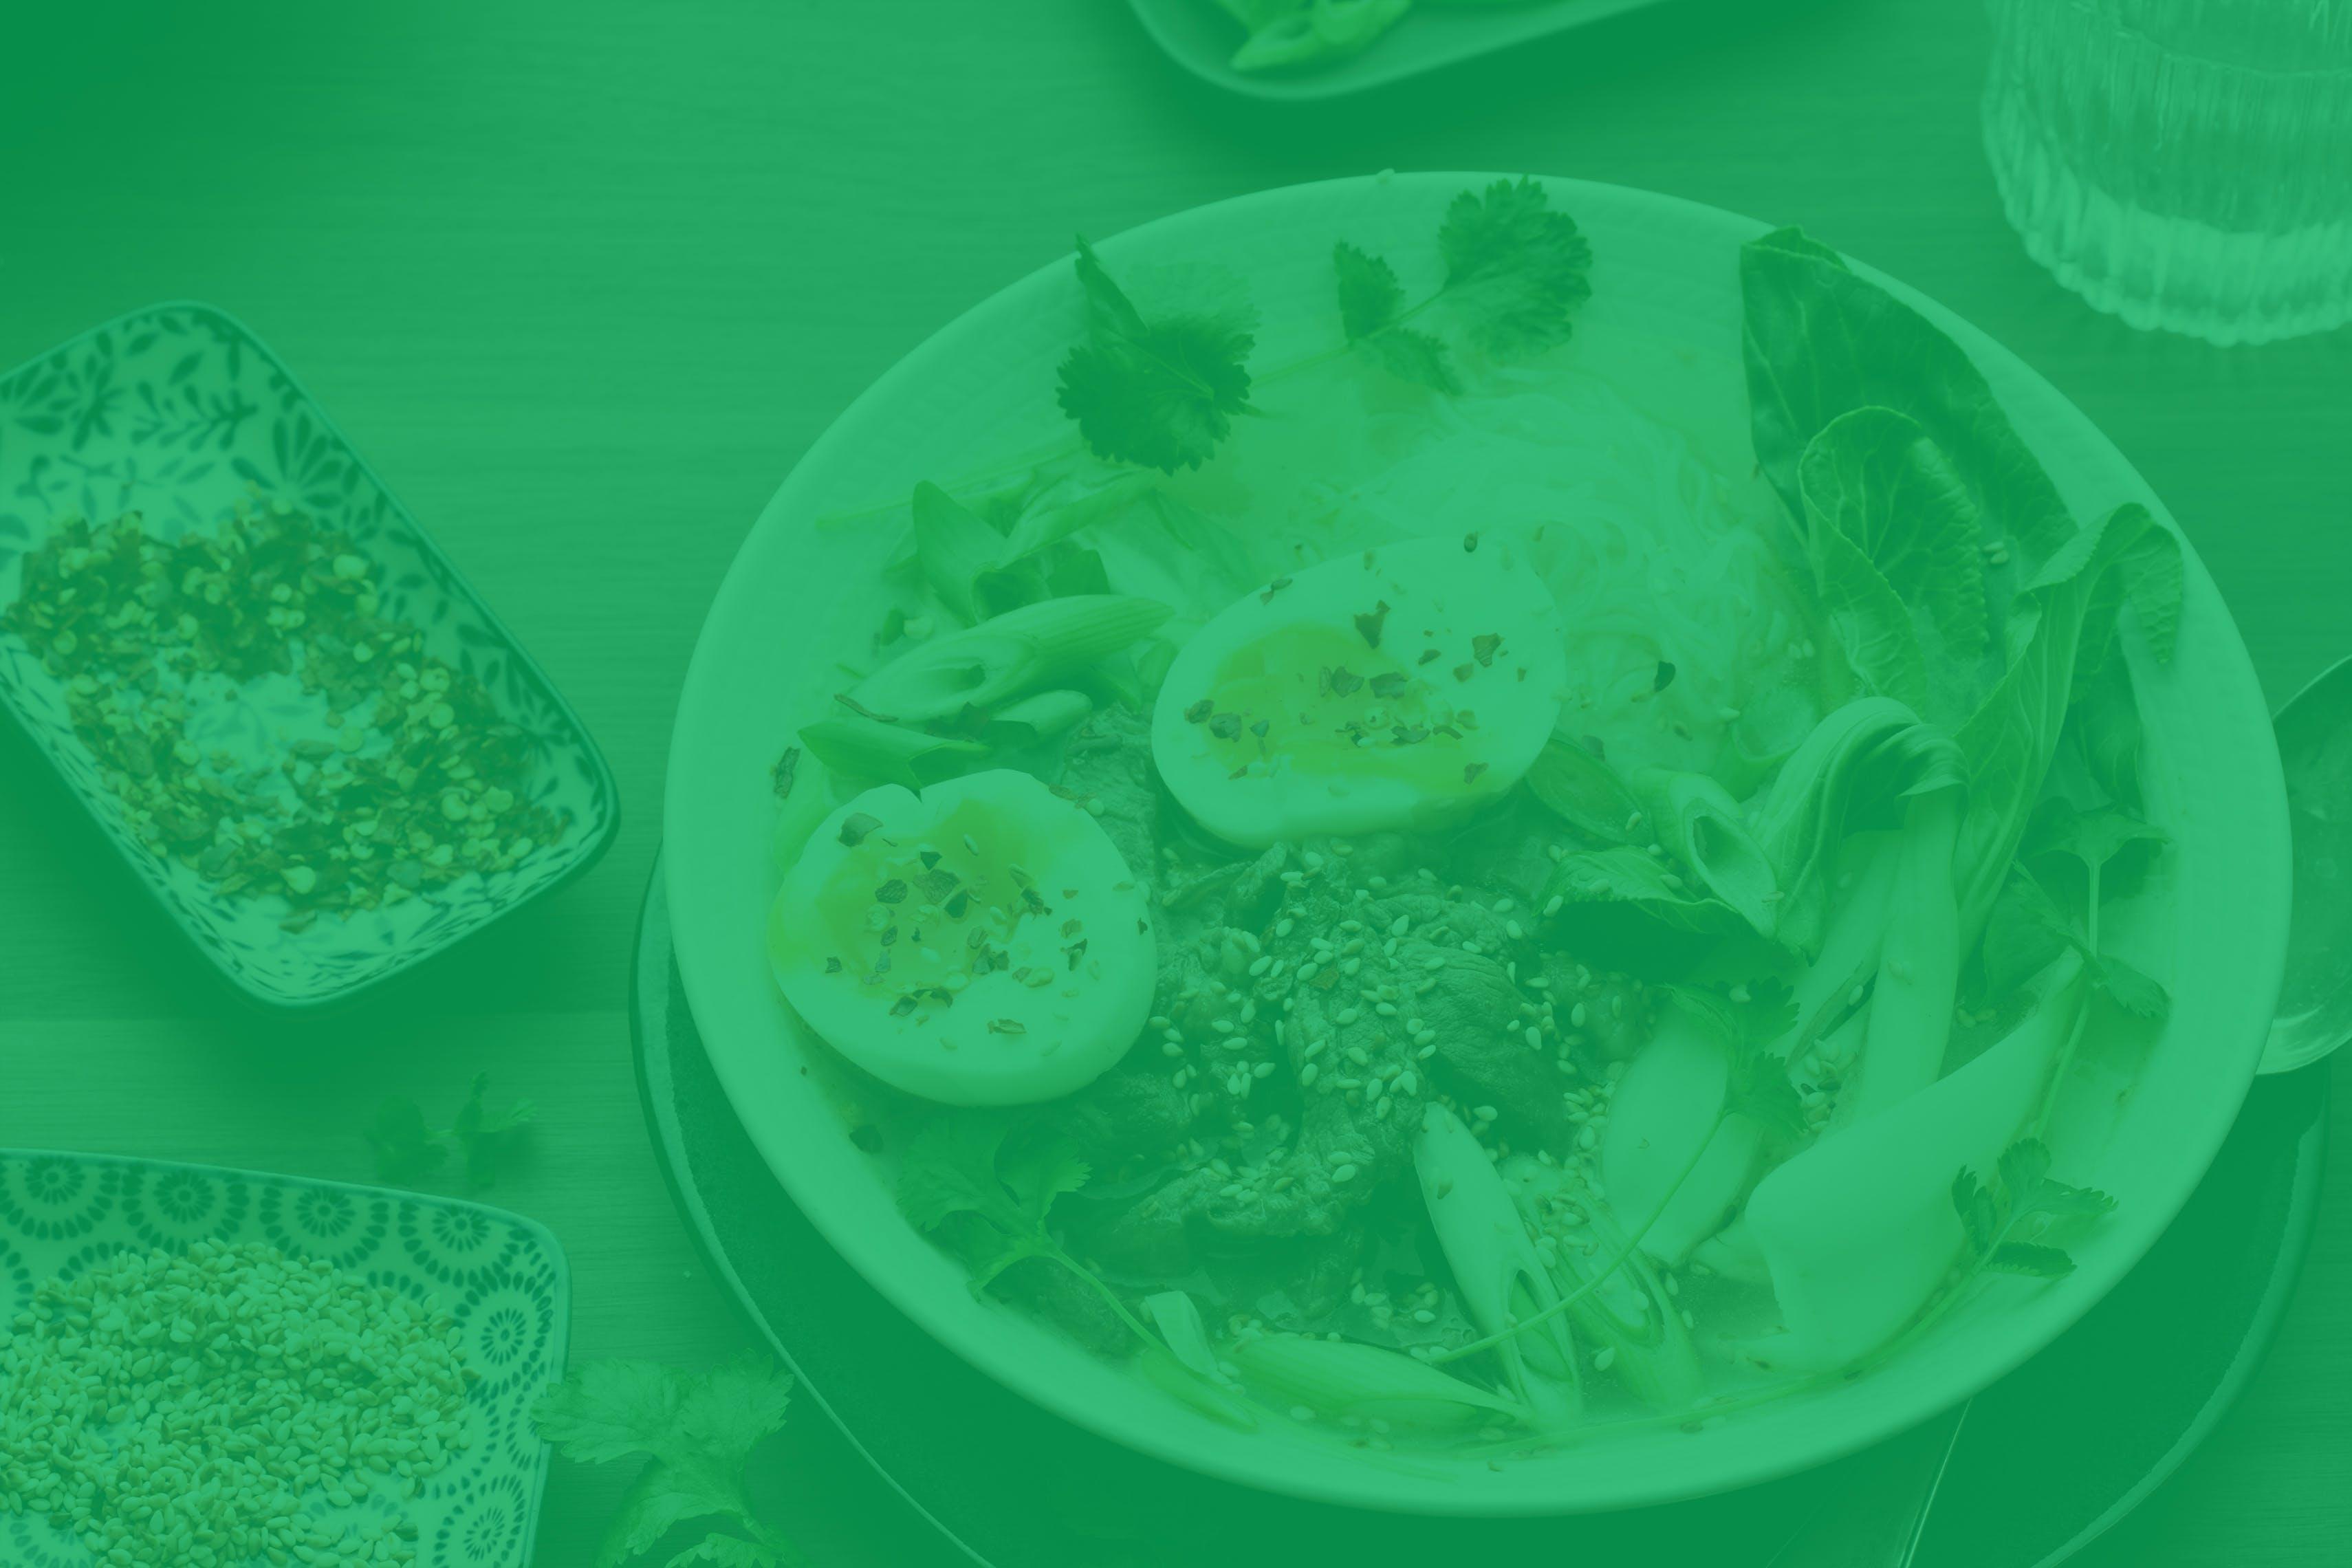 Cocina mundial: Menús bajos en carbos